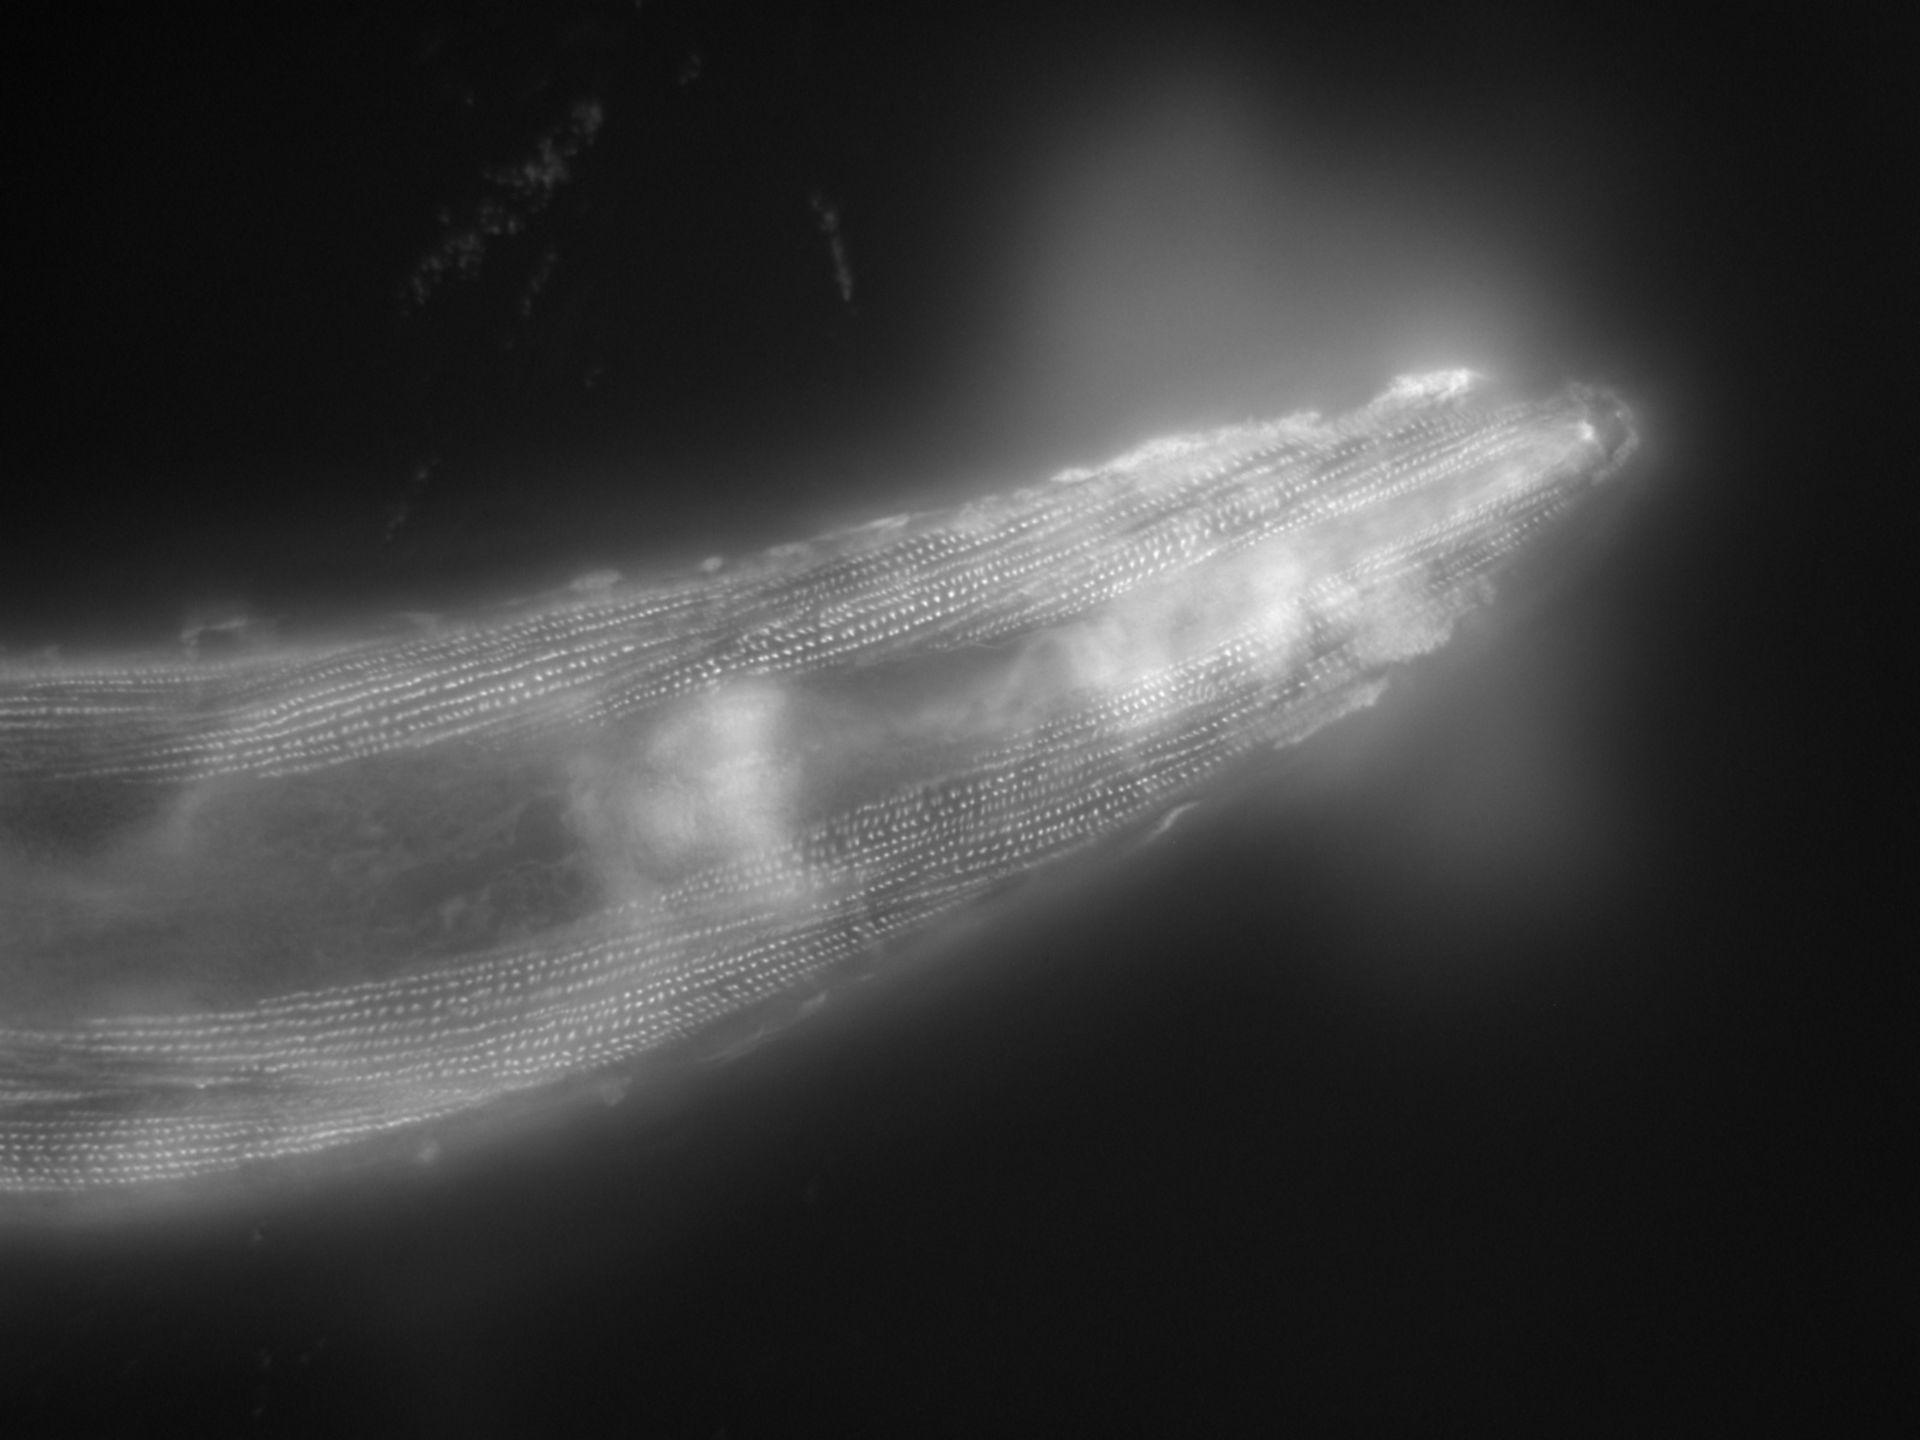 Caenorhabditis elegans (Actin filament) - CIL:1165